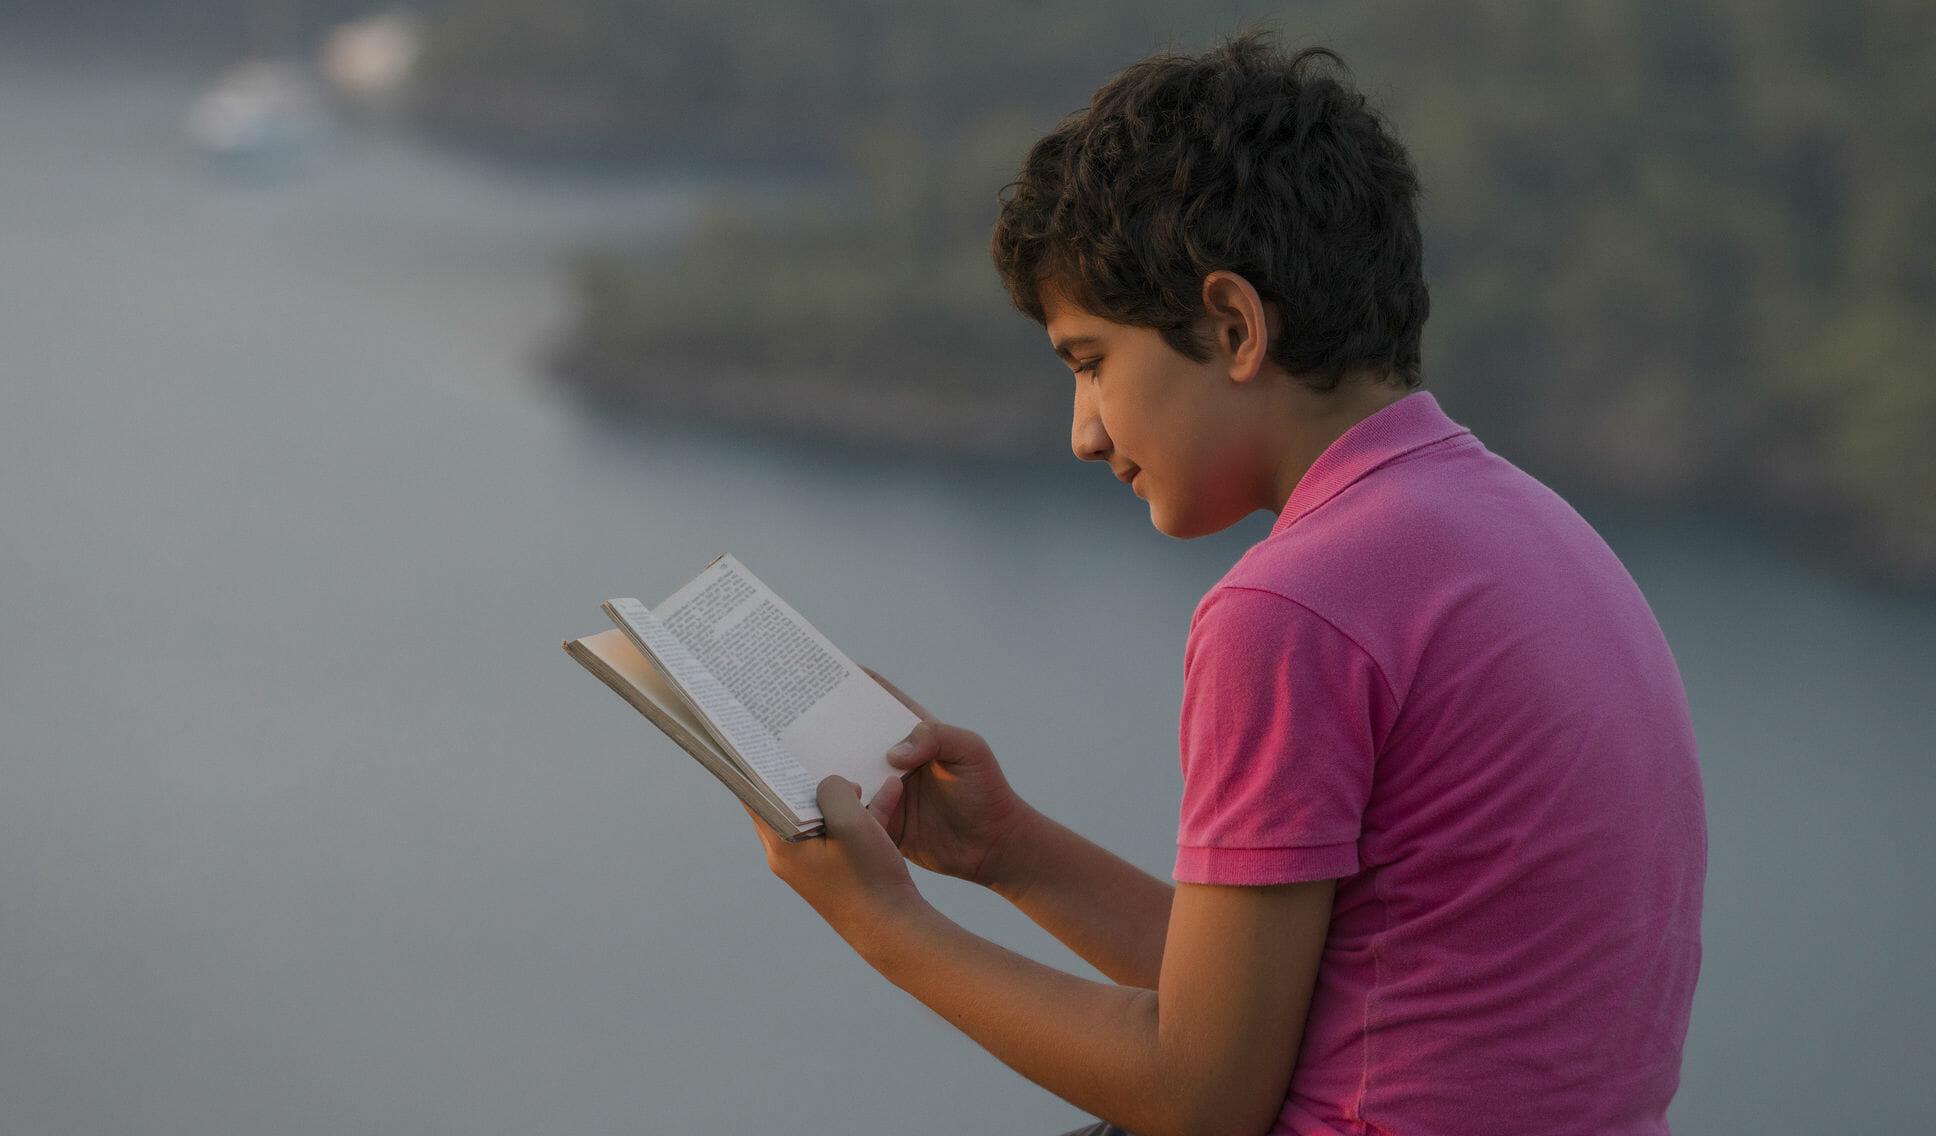 Suggerimenti per allargare le liste di libri consigliati a ragazze e ragazzi